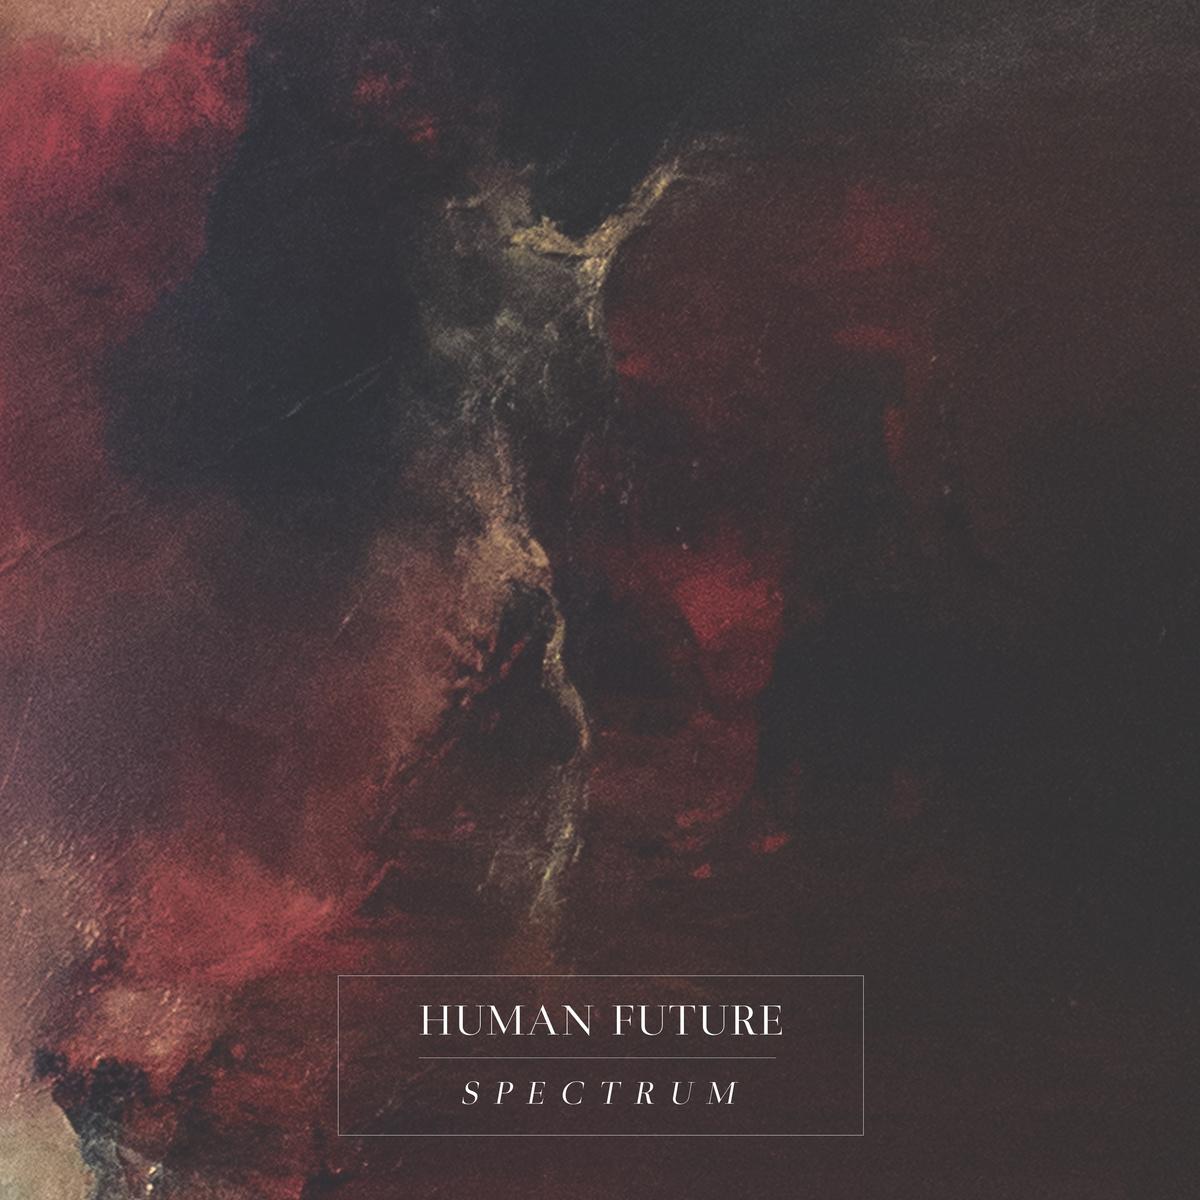 Human Future – Spectrum